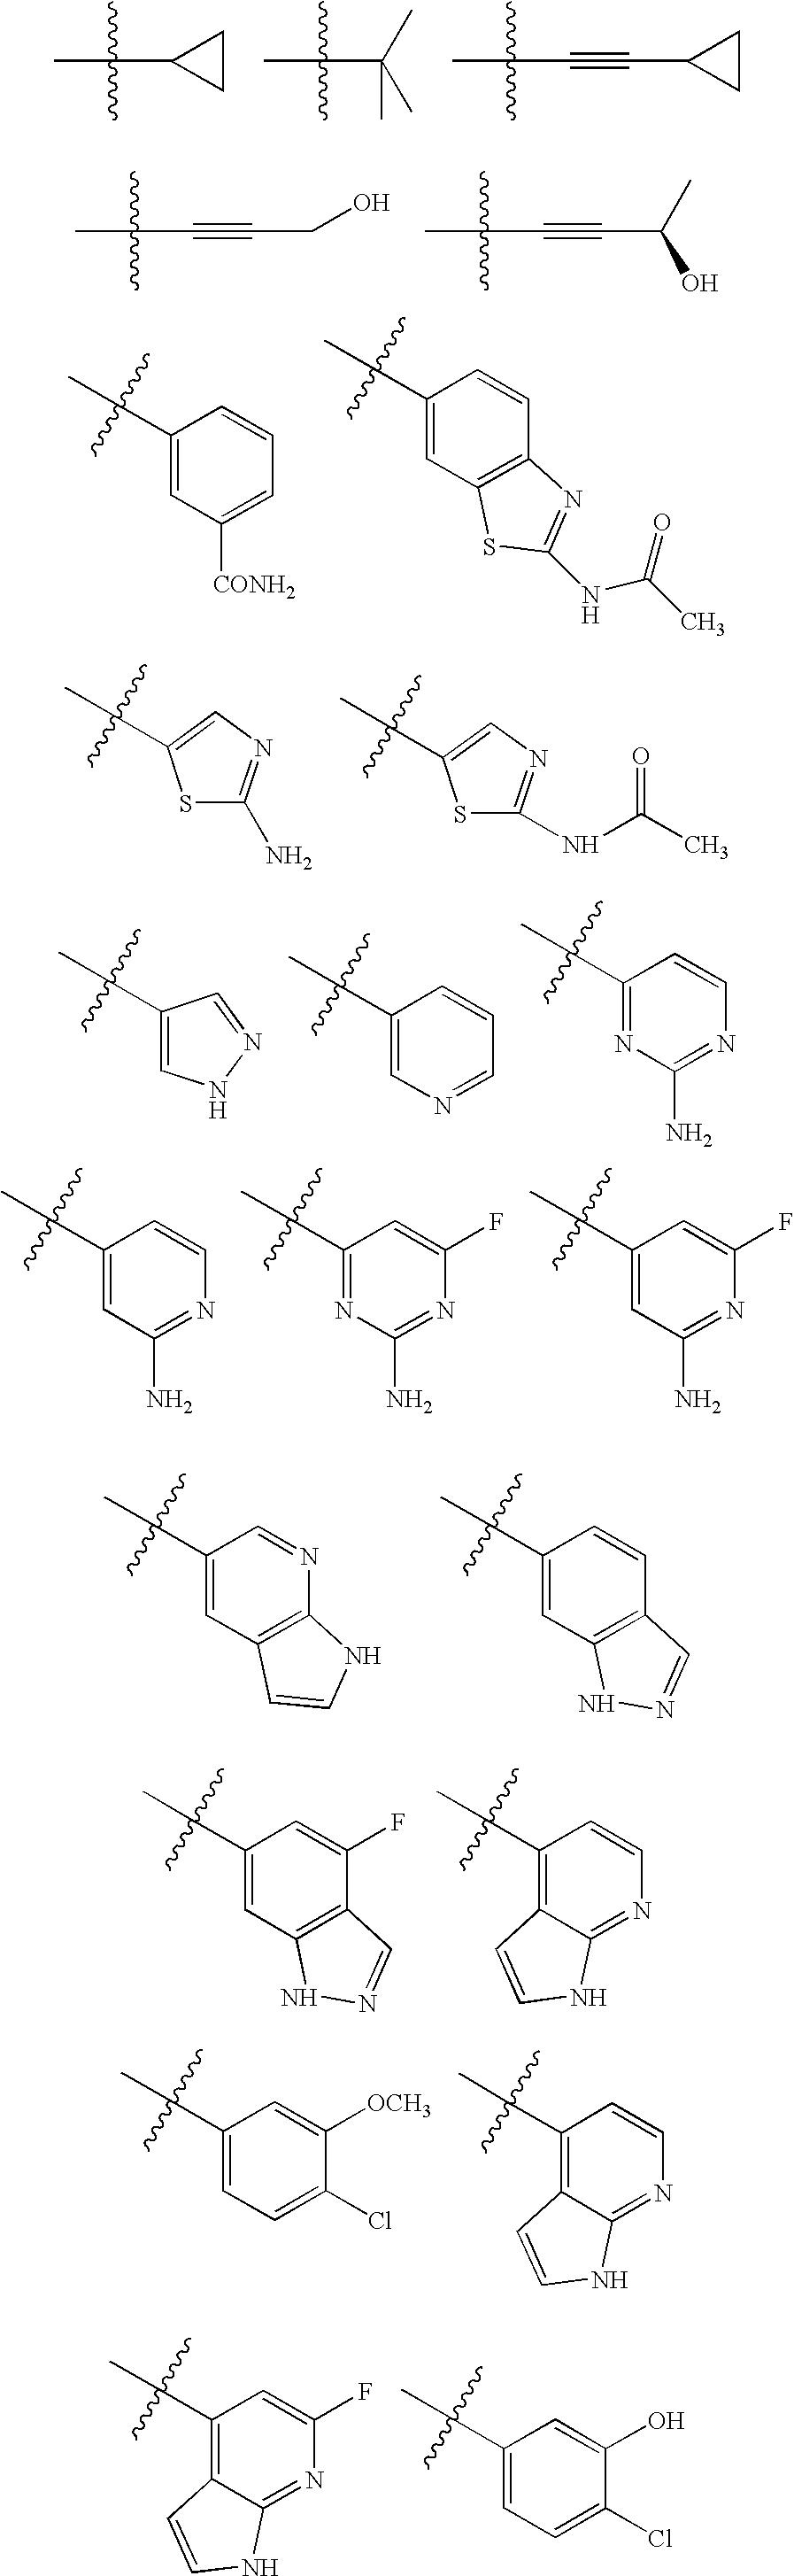 Figure US08193182-20120605-C00051